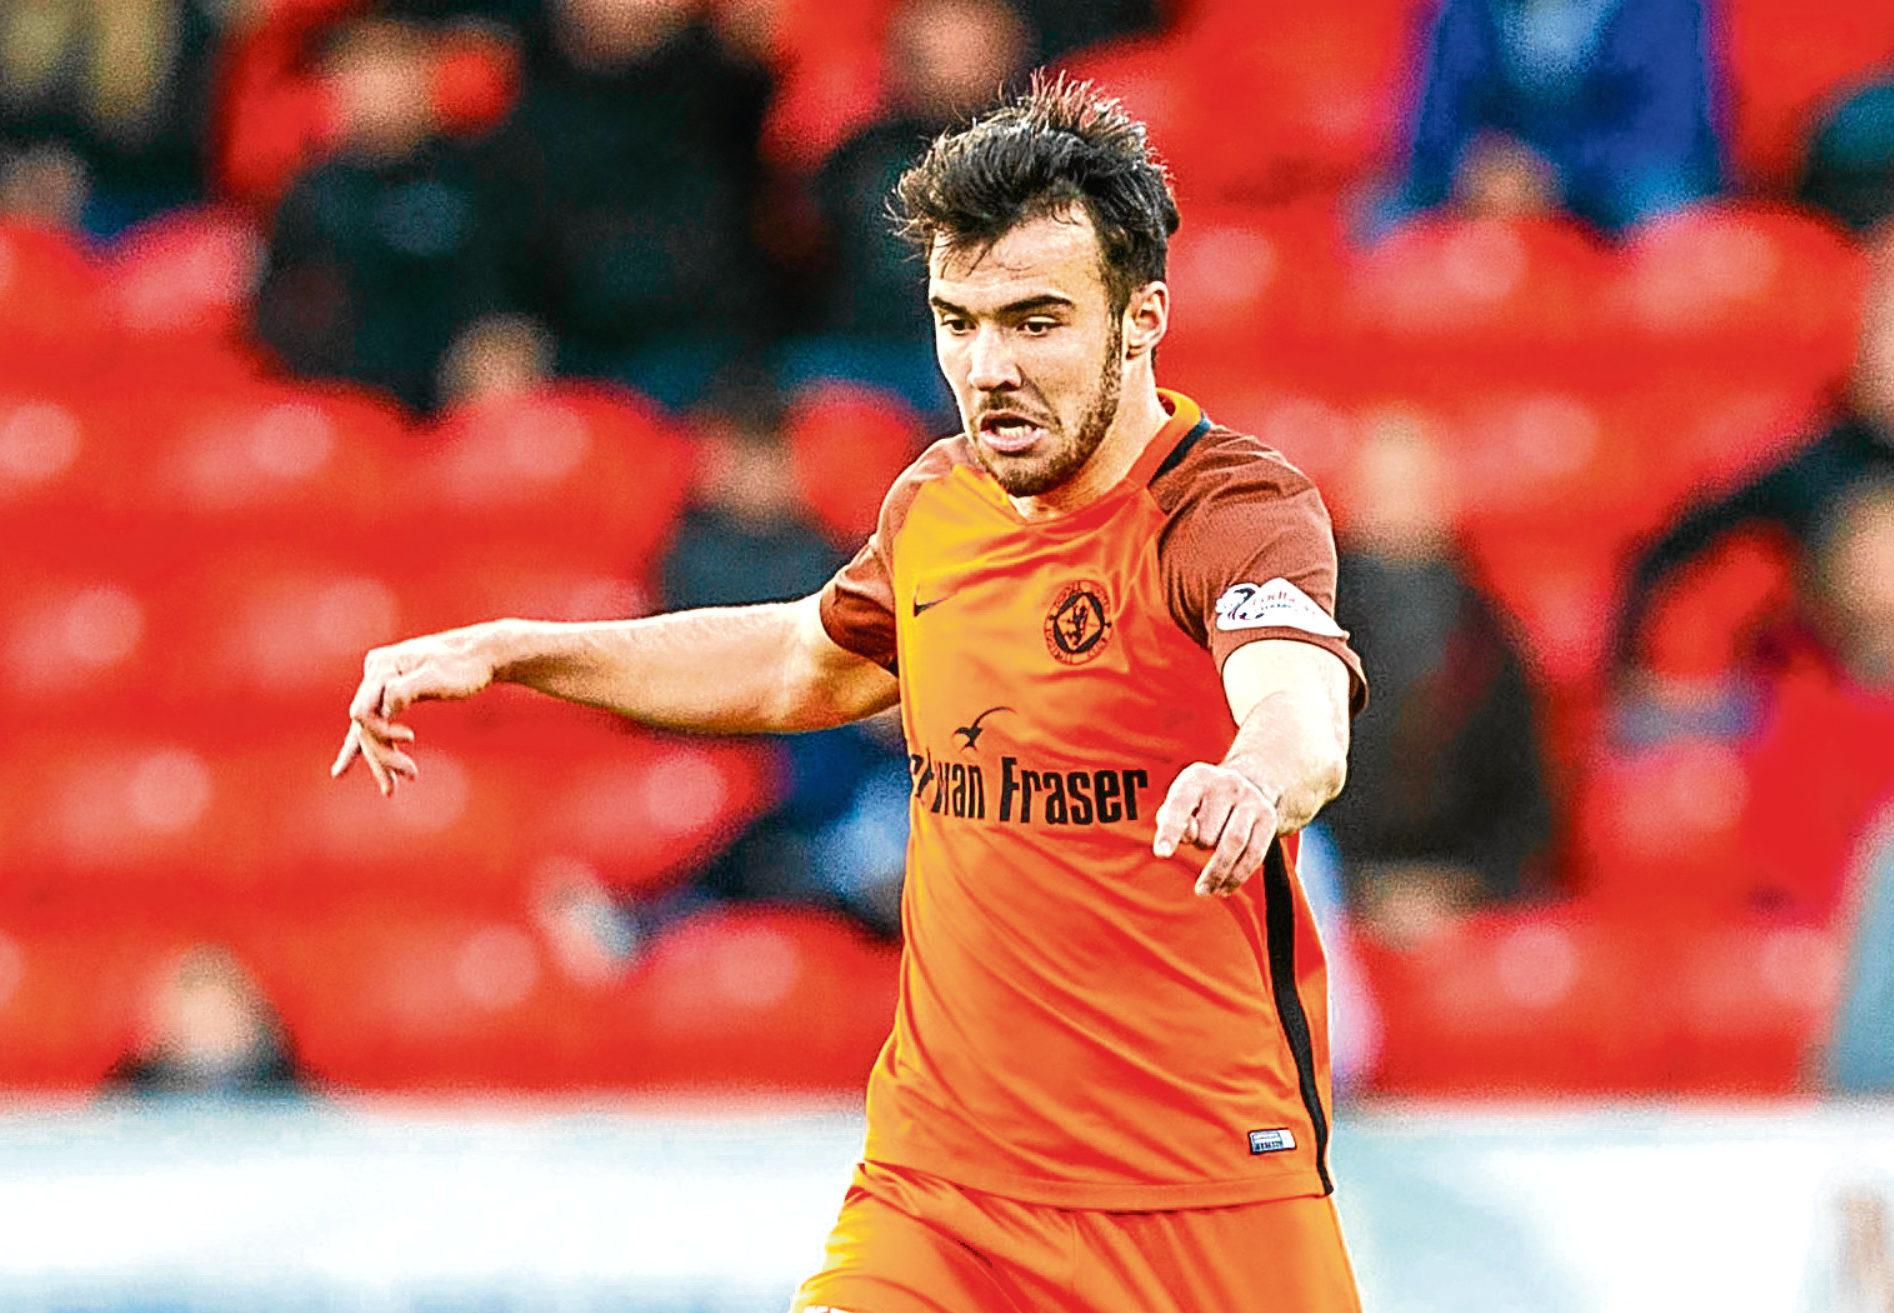 Dundee United midfielder Scott Fraser.